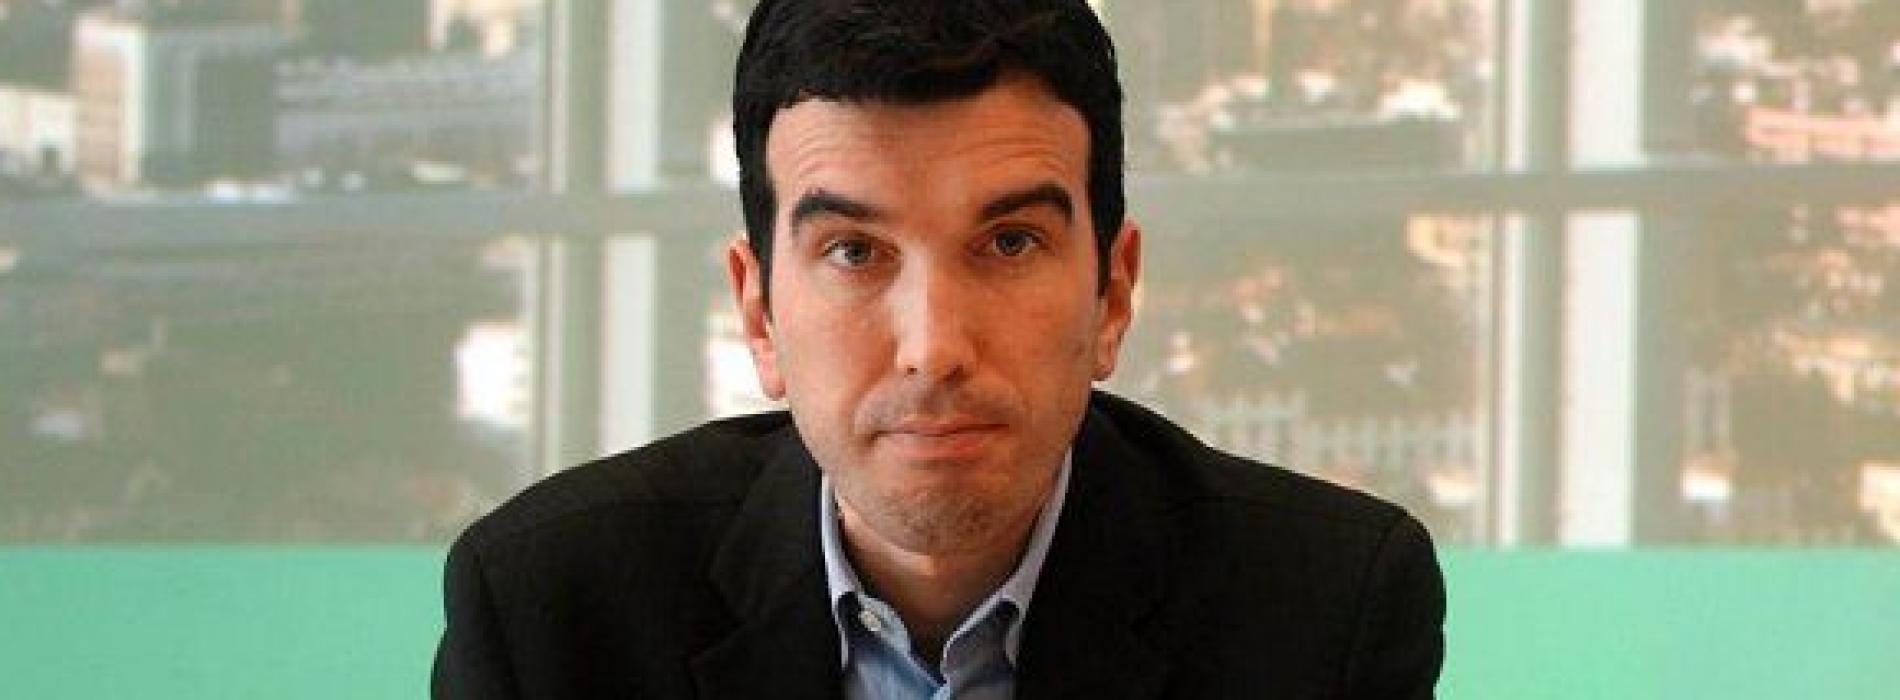 Zootecnia e rilancio, il ministro Martina a Caserta